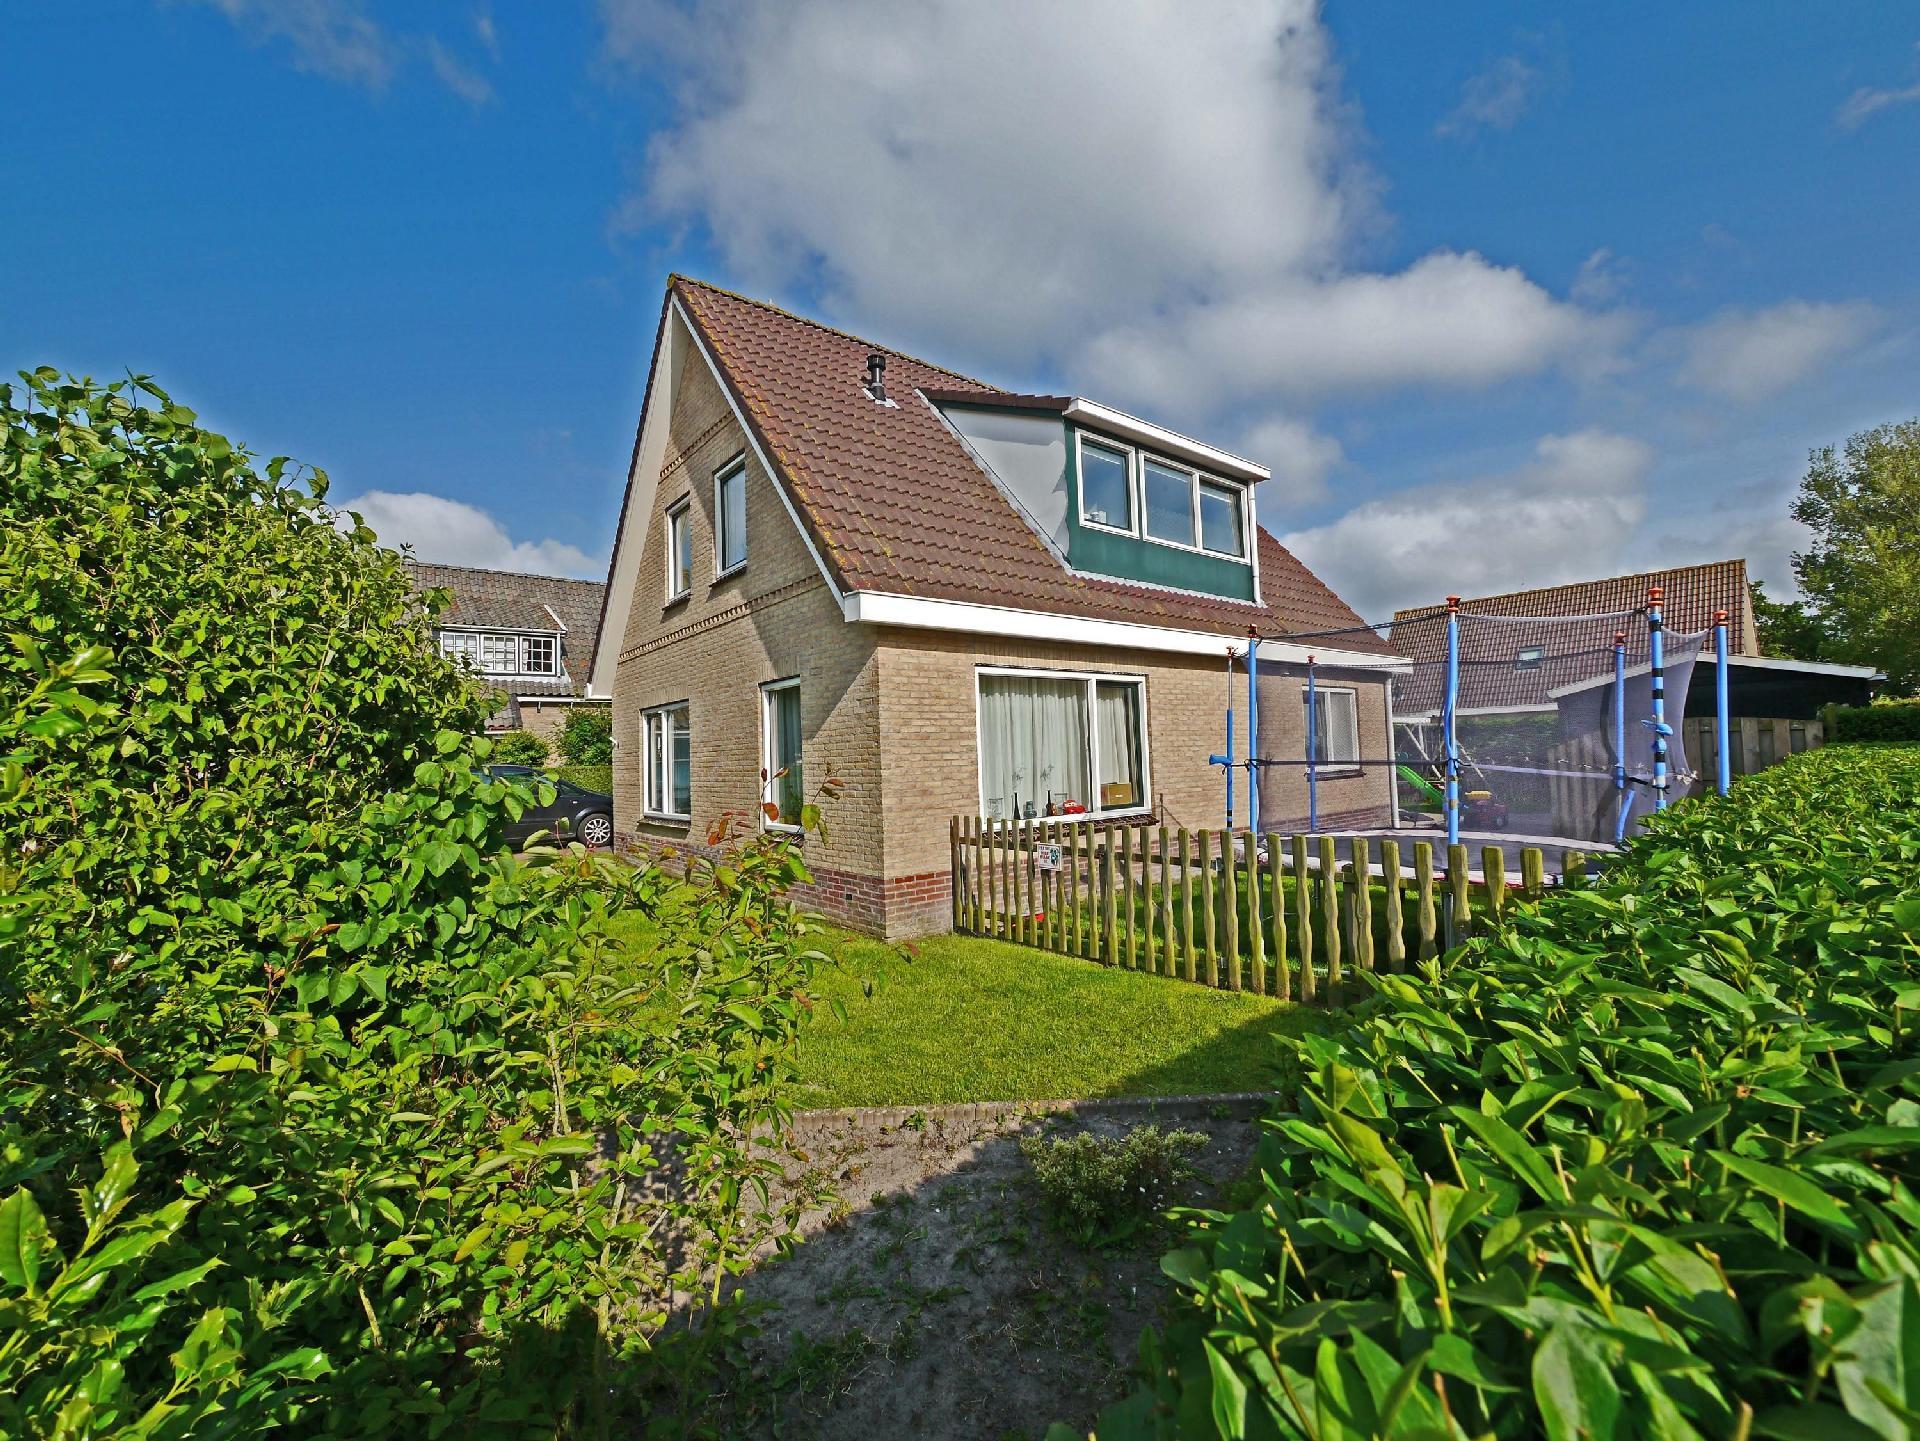 Ferienwohnung für 4 Personen ca 67 m² in Buren Friesland Ameland